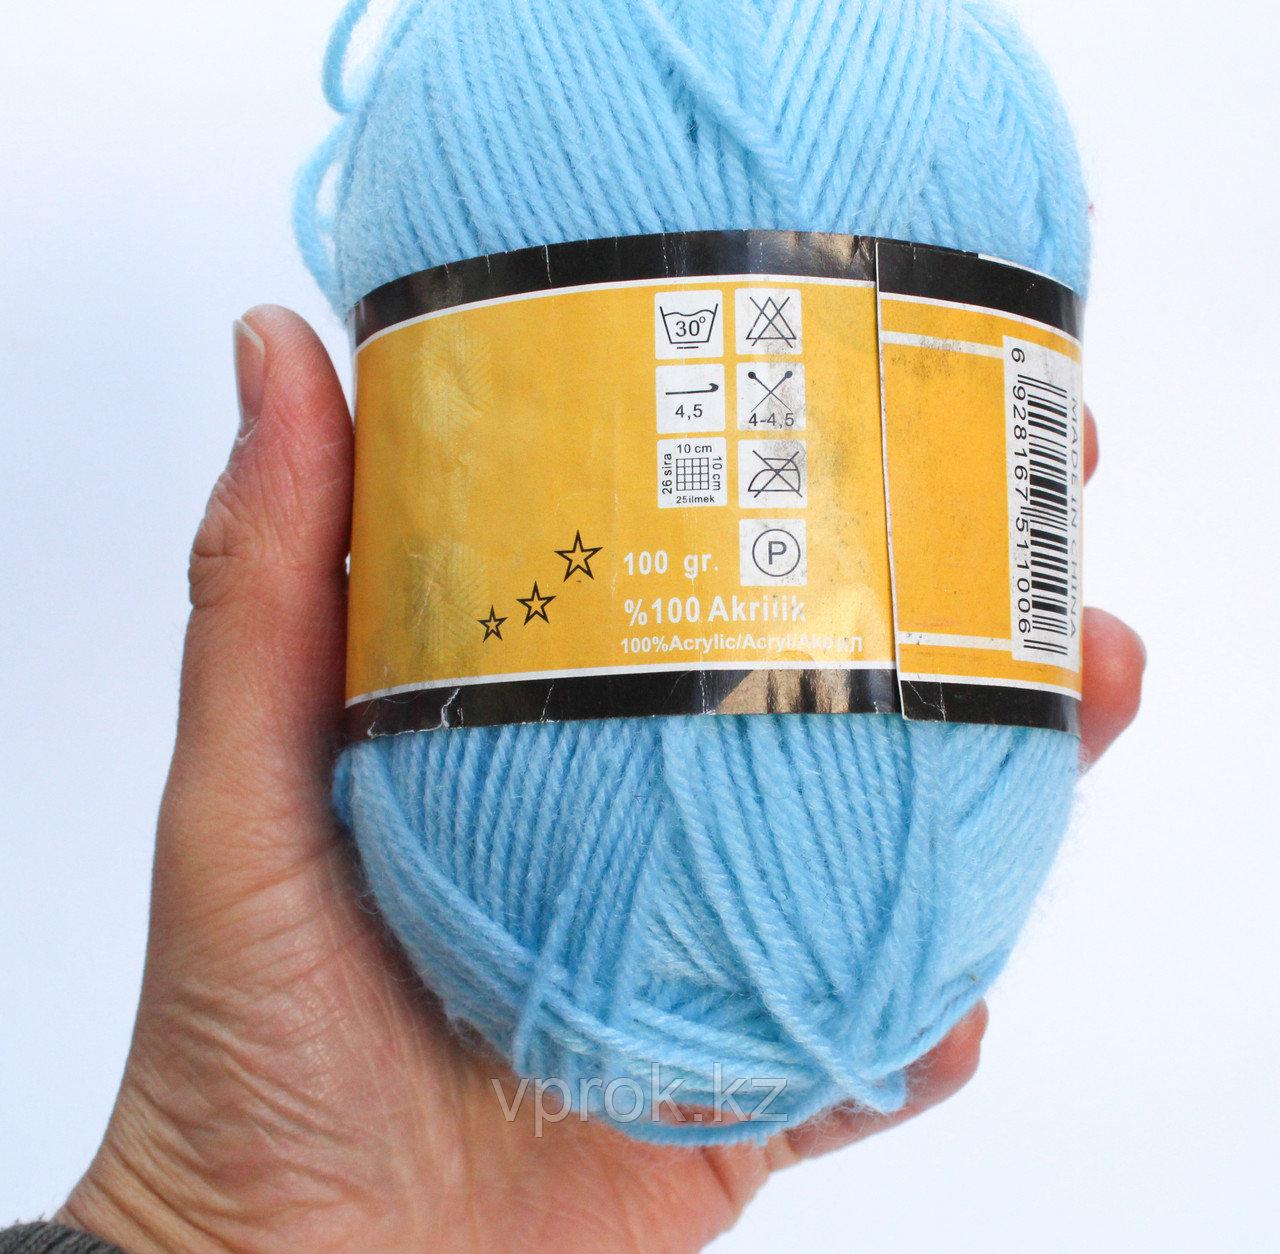 Пряжа акриловая, KING BIRD, 100 гр., голубая - фото 2